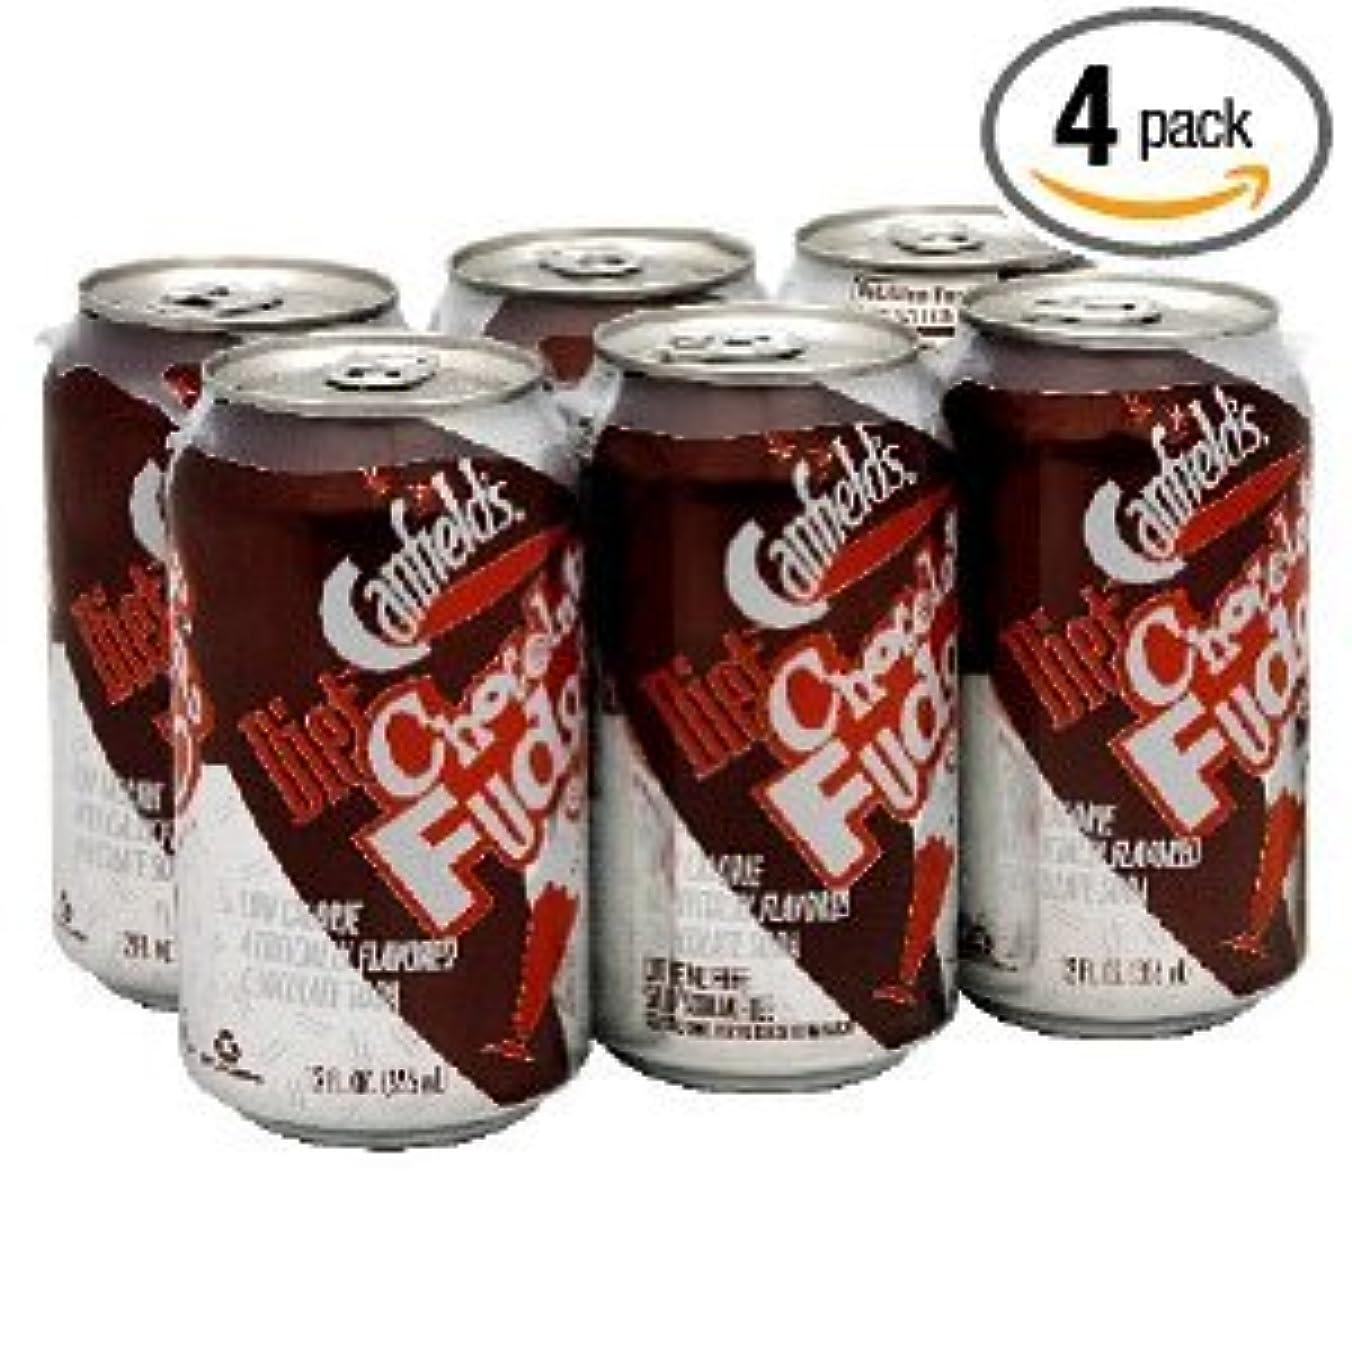 キャンフィールド社 チョコレートファッジダイエットソーダー24本海外直送品